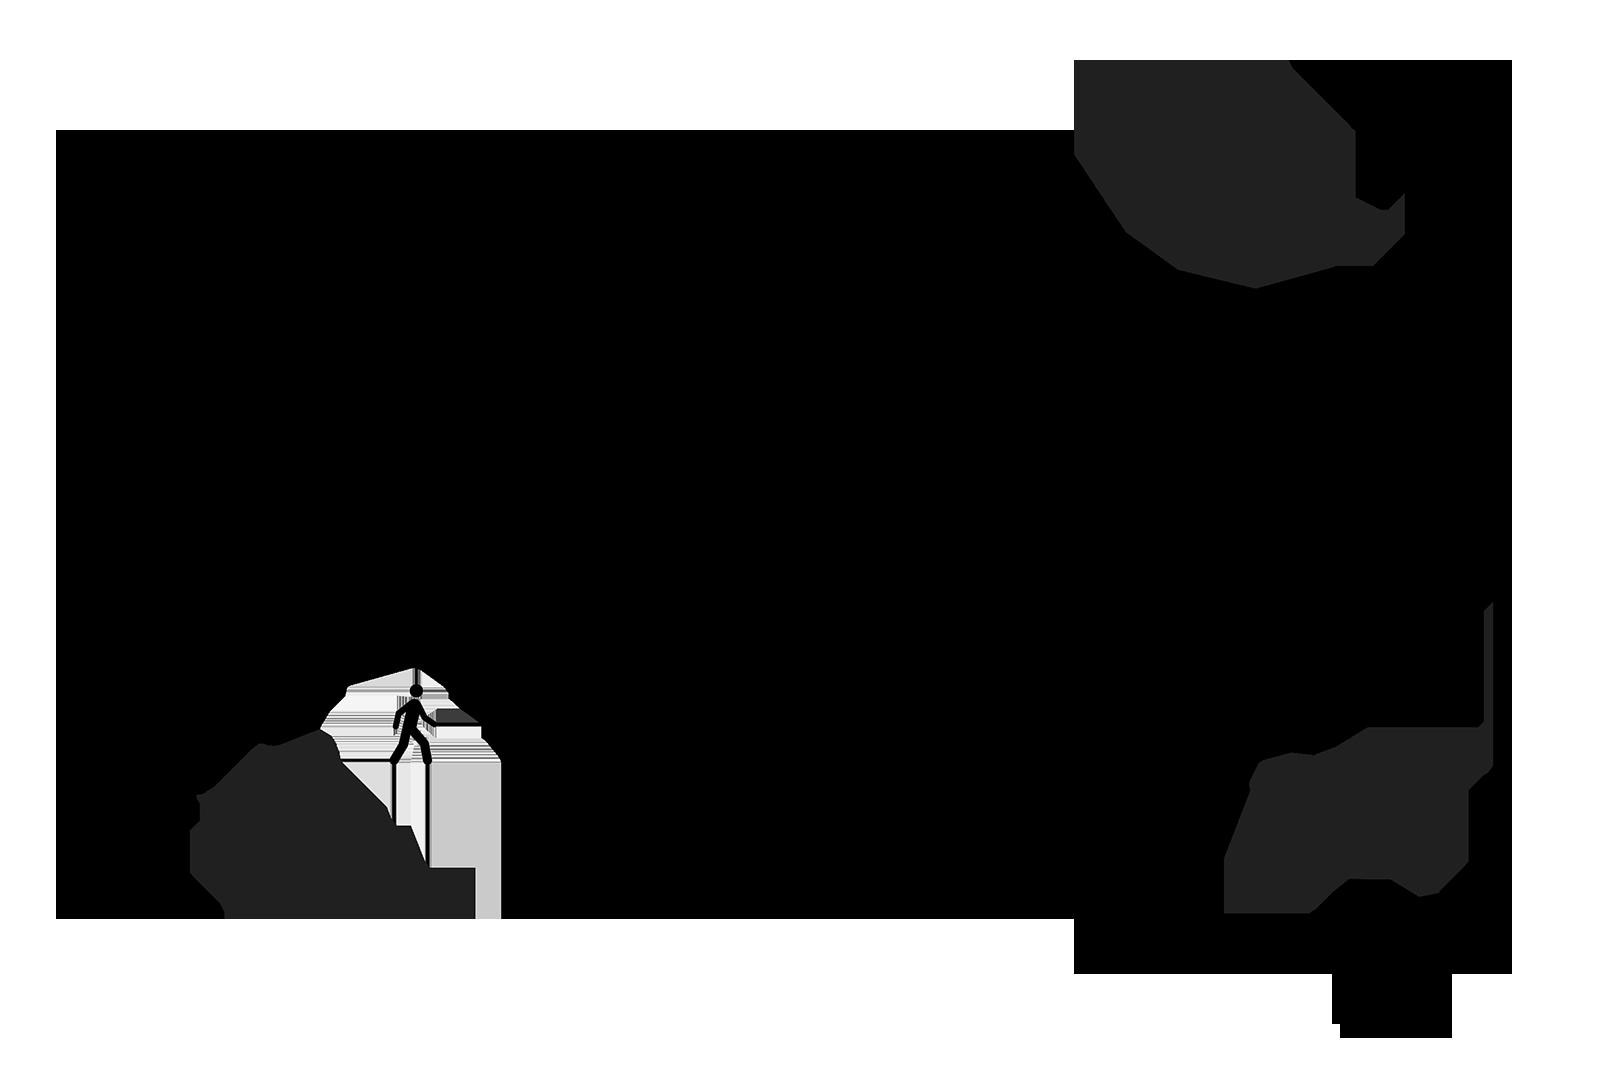 MLC-WOJ-dom-AXO-schematy-02-1600px-copy